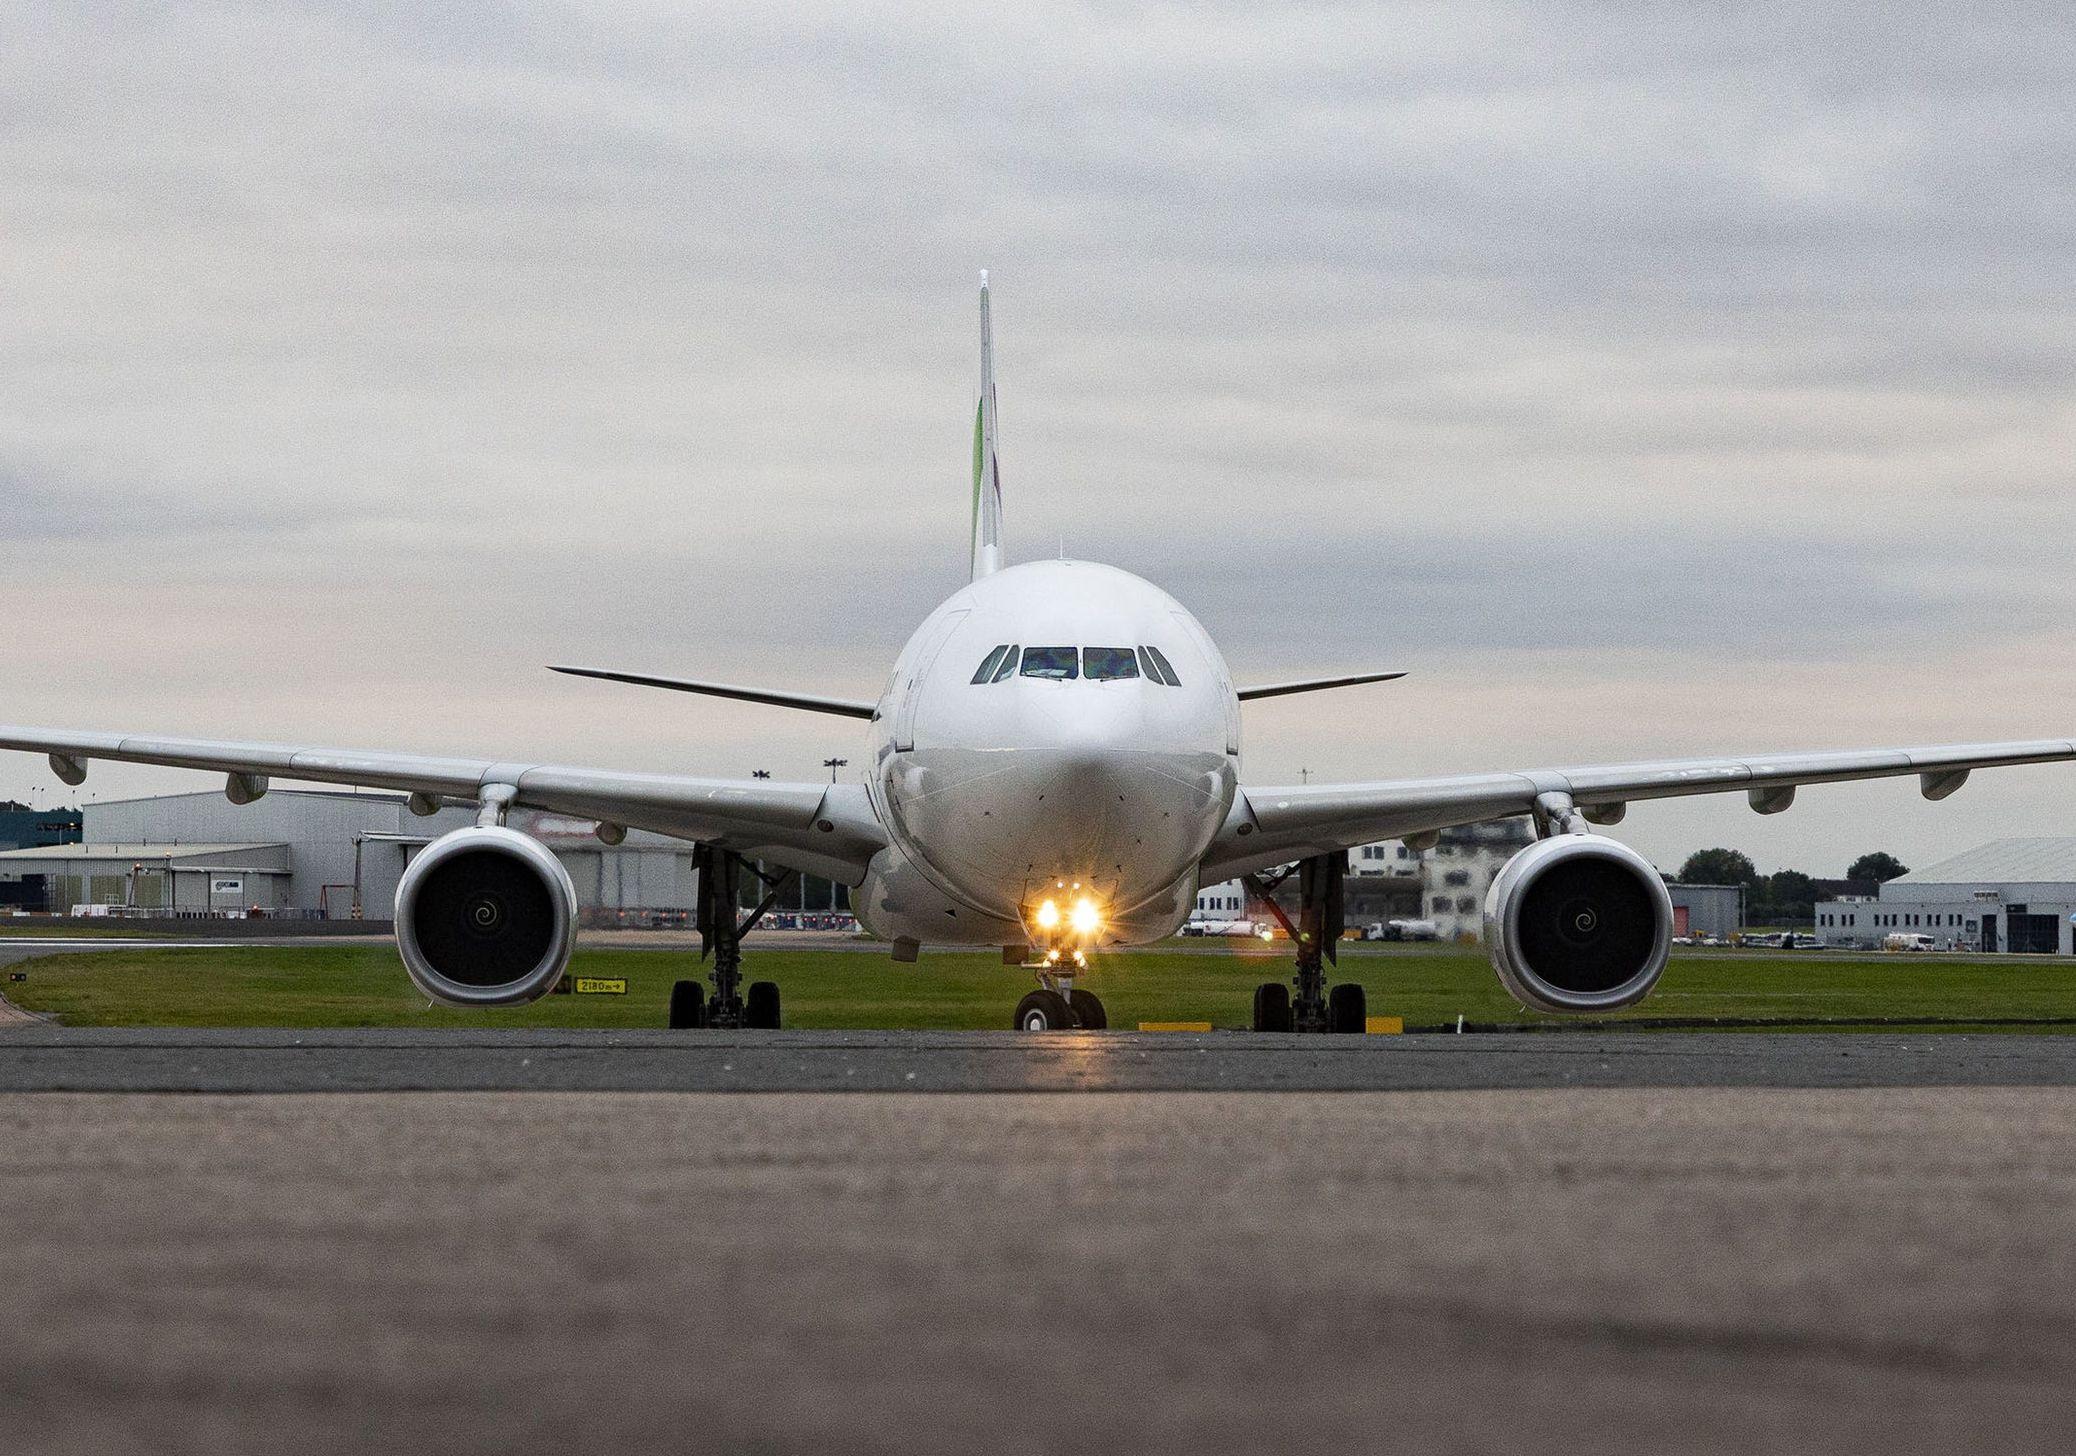 भारत-कनाडा यात्रियों के लिए आज से शुरू हो रही डायरेक्ट फ्लाइट्स